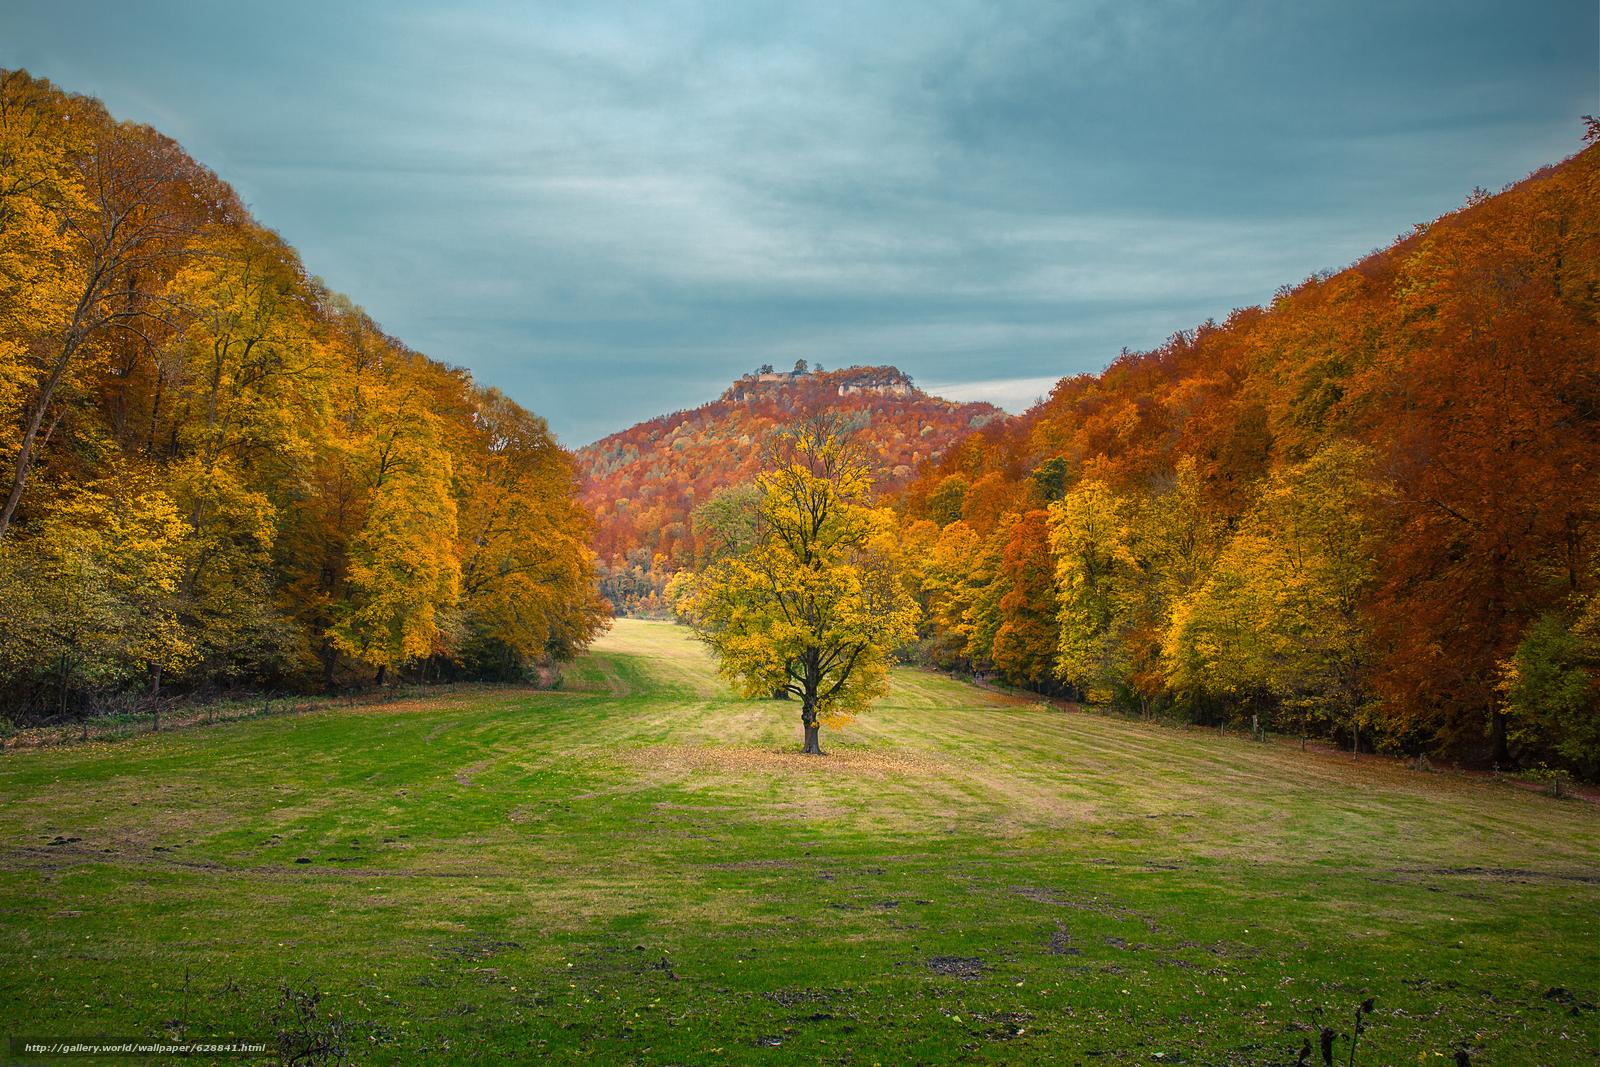 осень, поле, деревья, горы, пейзаж